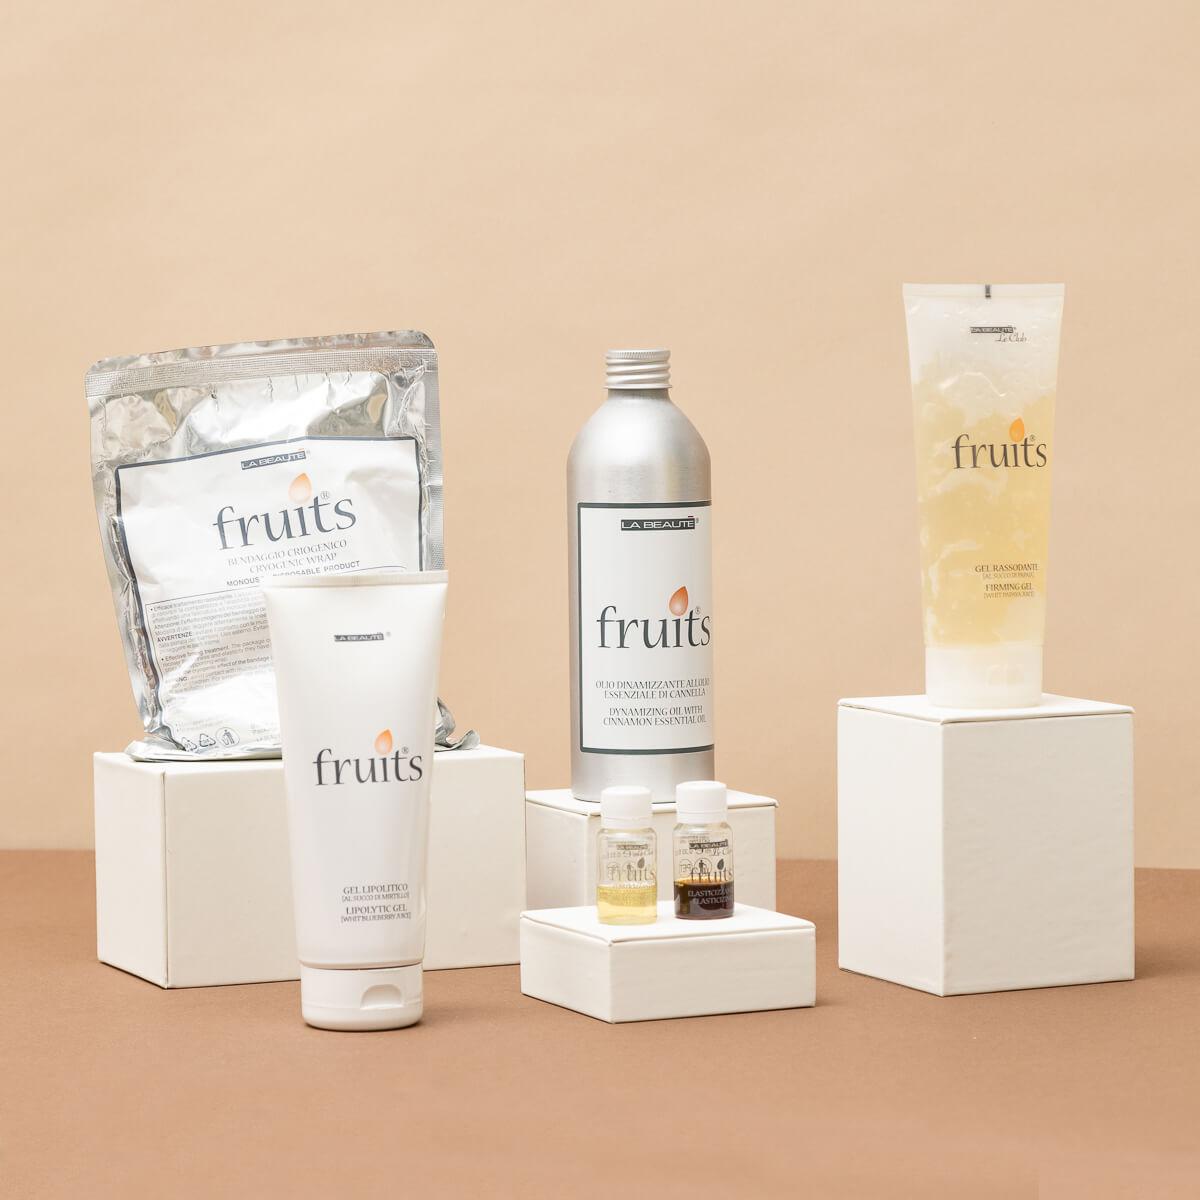 Esposizione prodotti brand Fruits - La Beautè